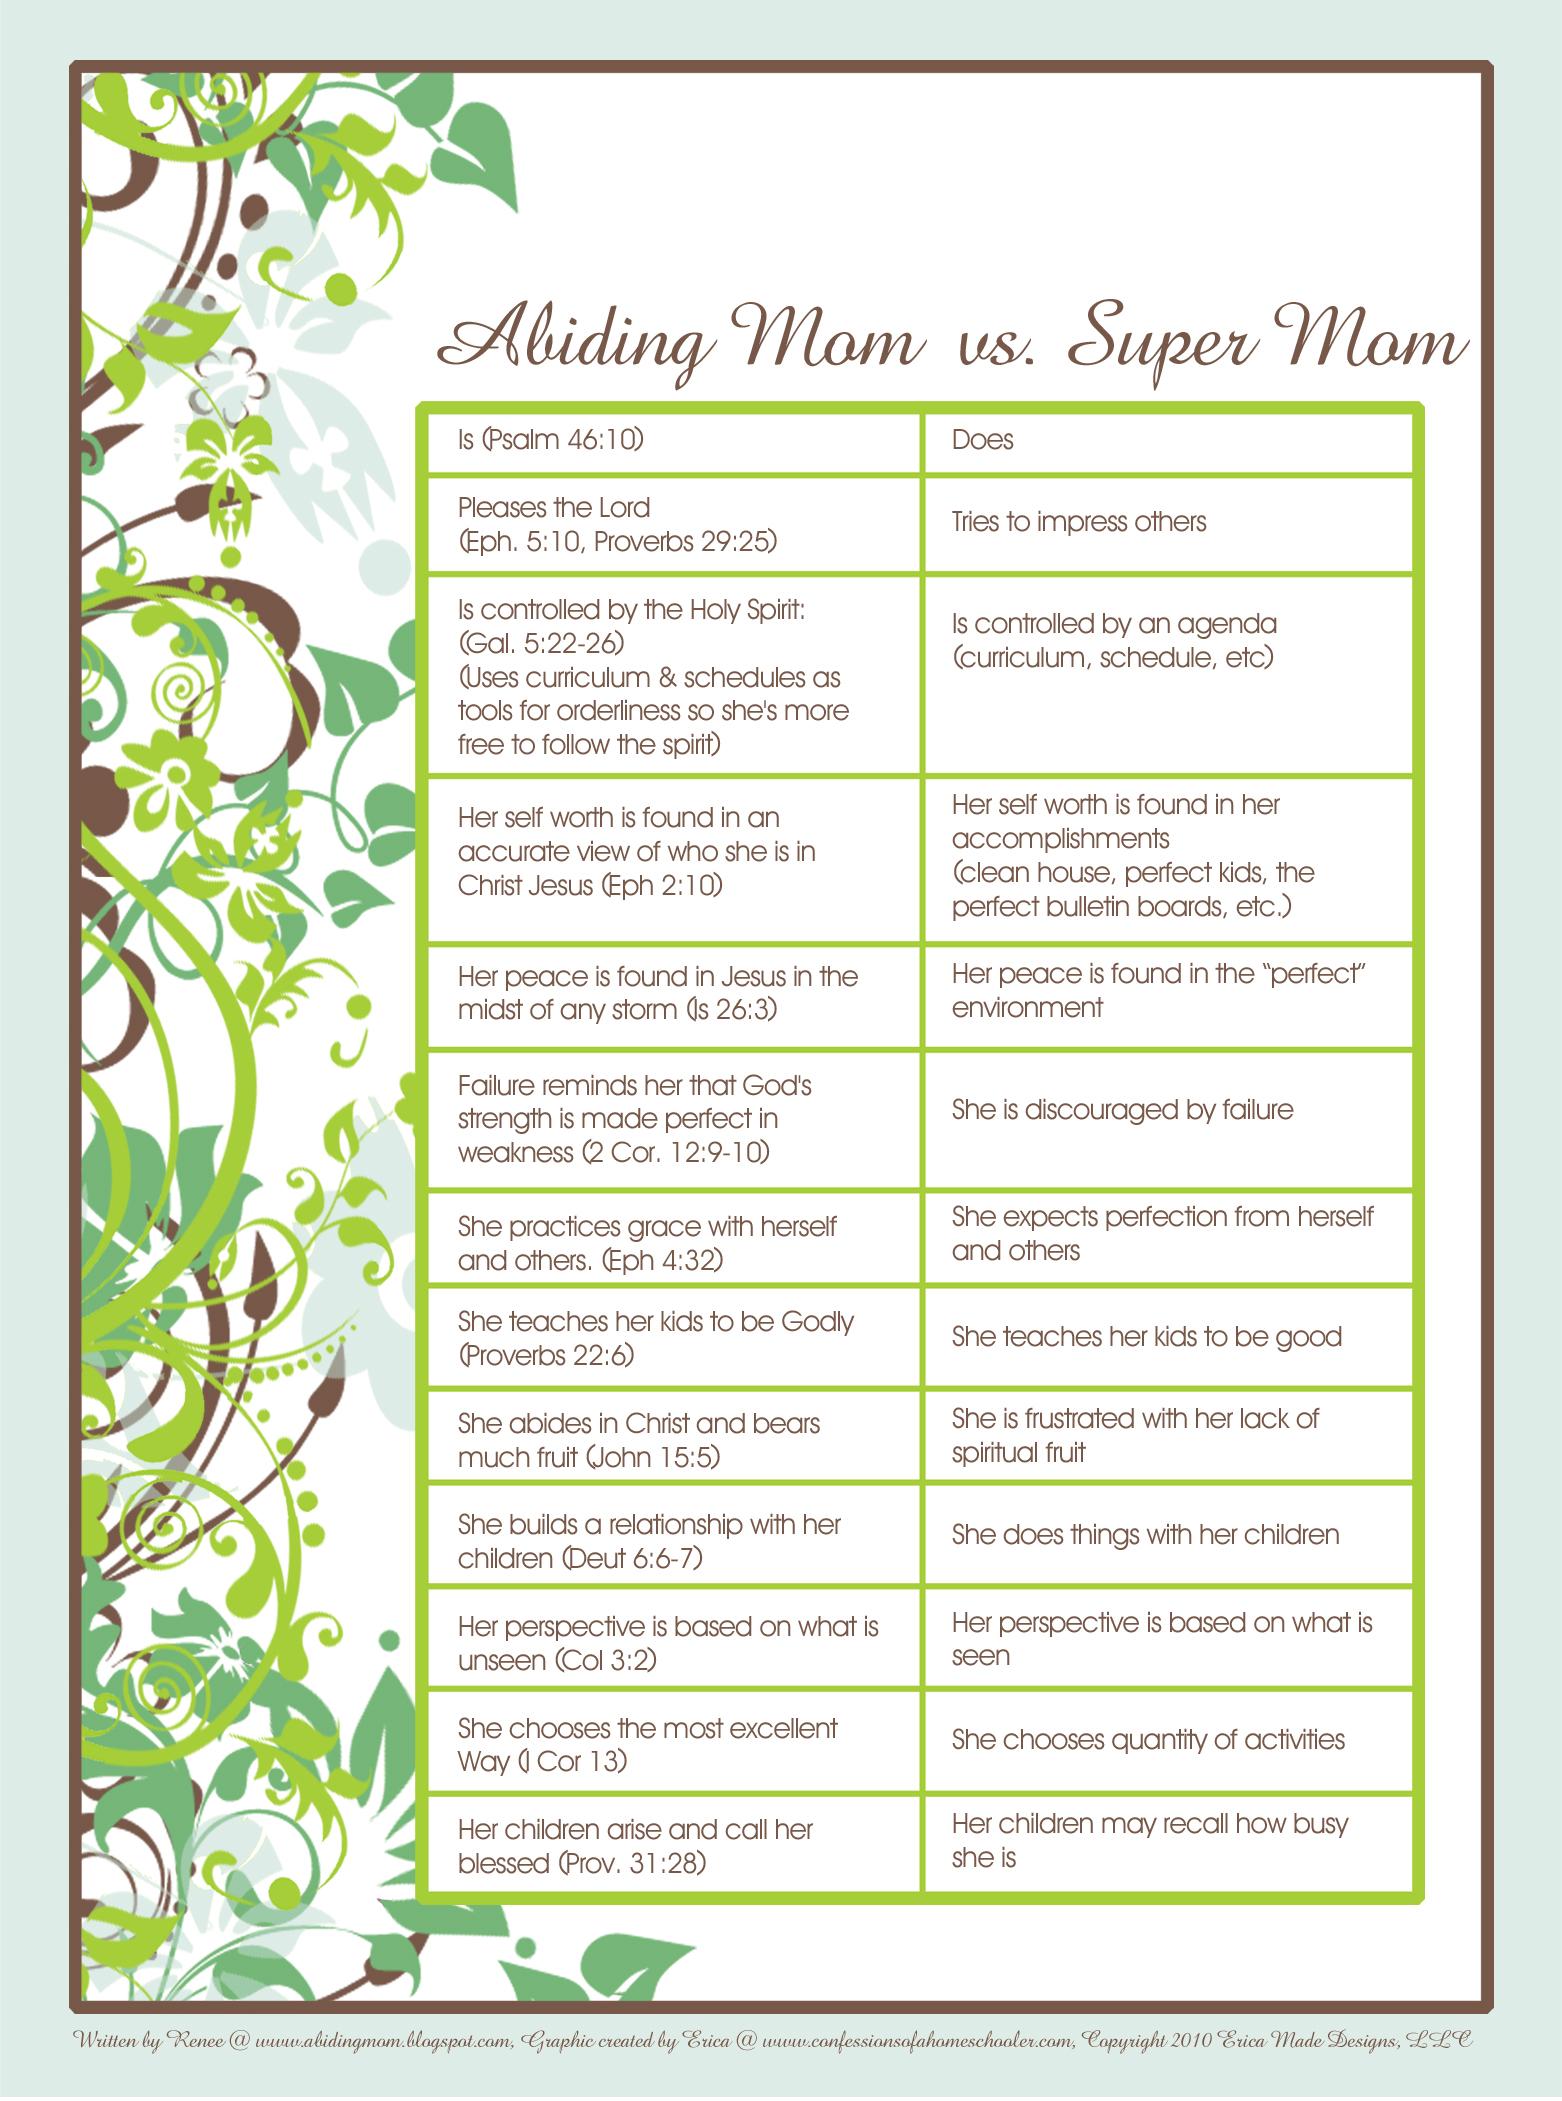 Super Mom vs Abiding Mom